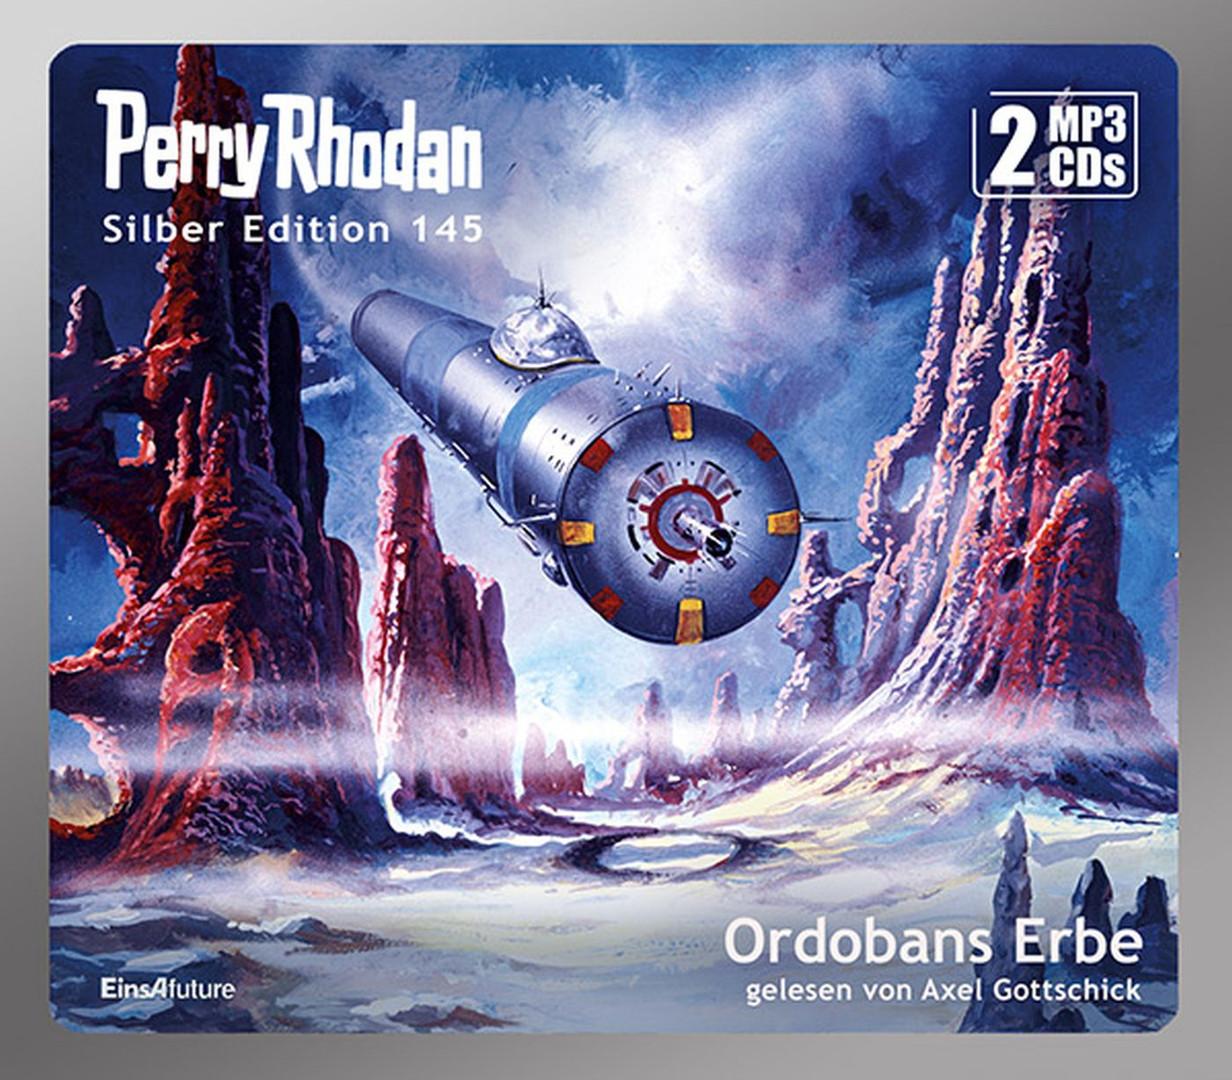 Perry Rhodan Silber Edition 145: Ordobans Erbe (2 mp3-CDs)